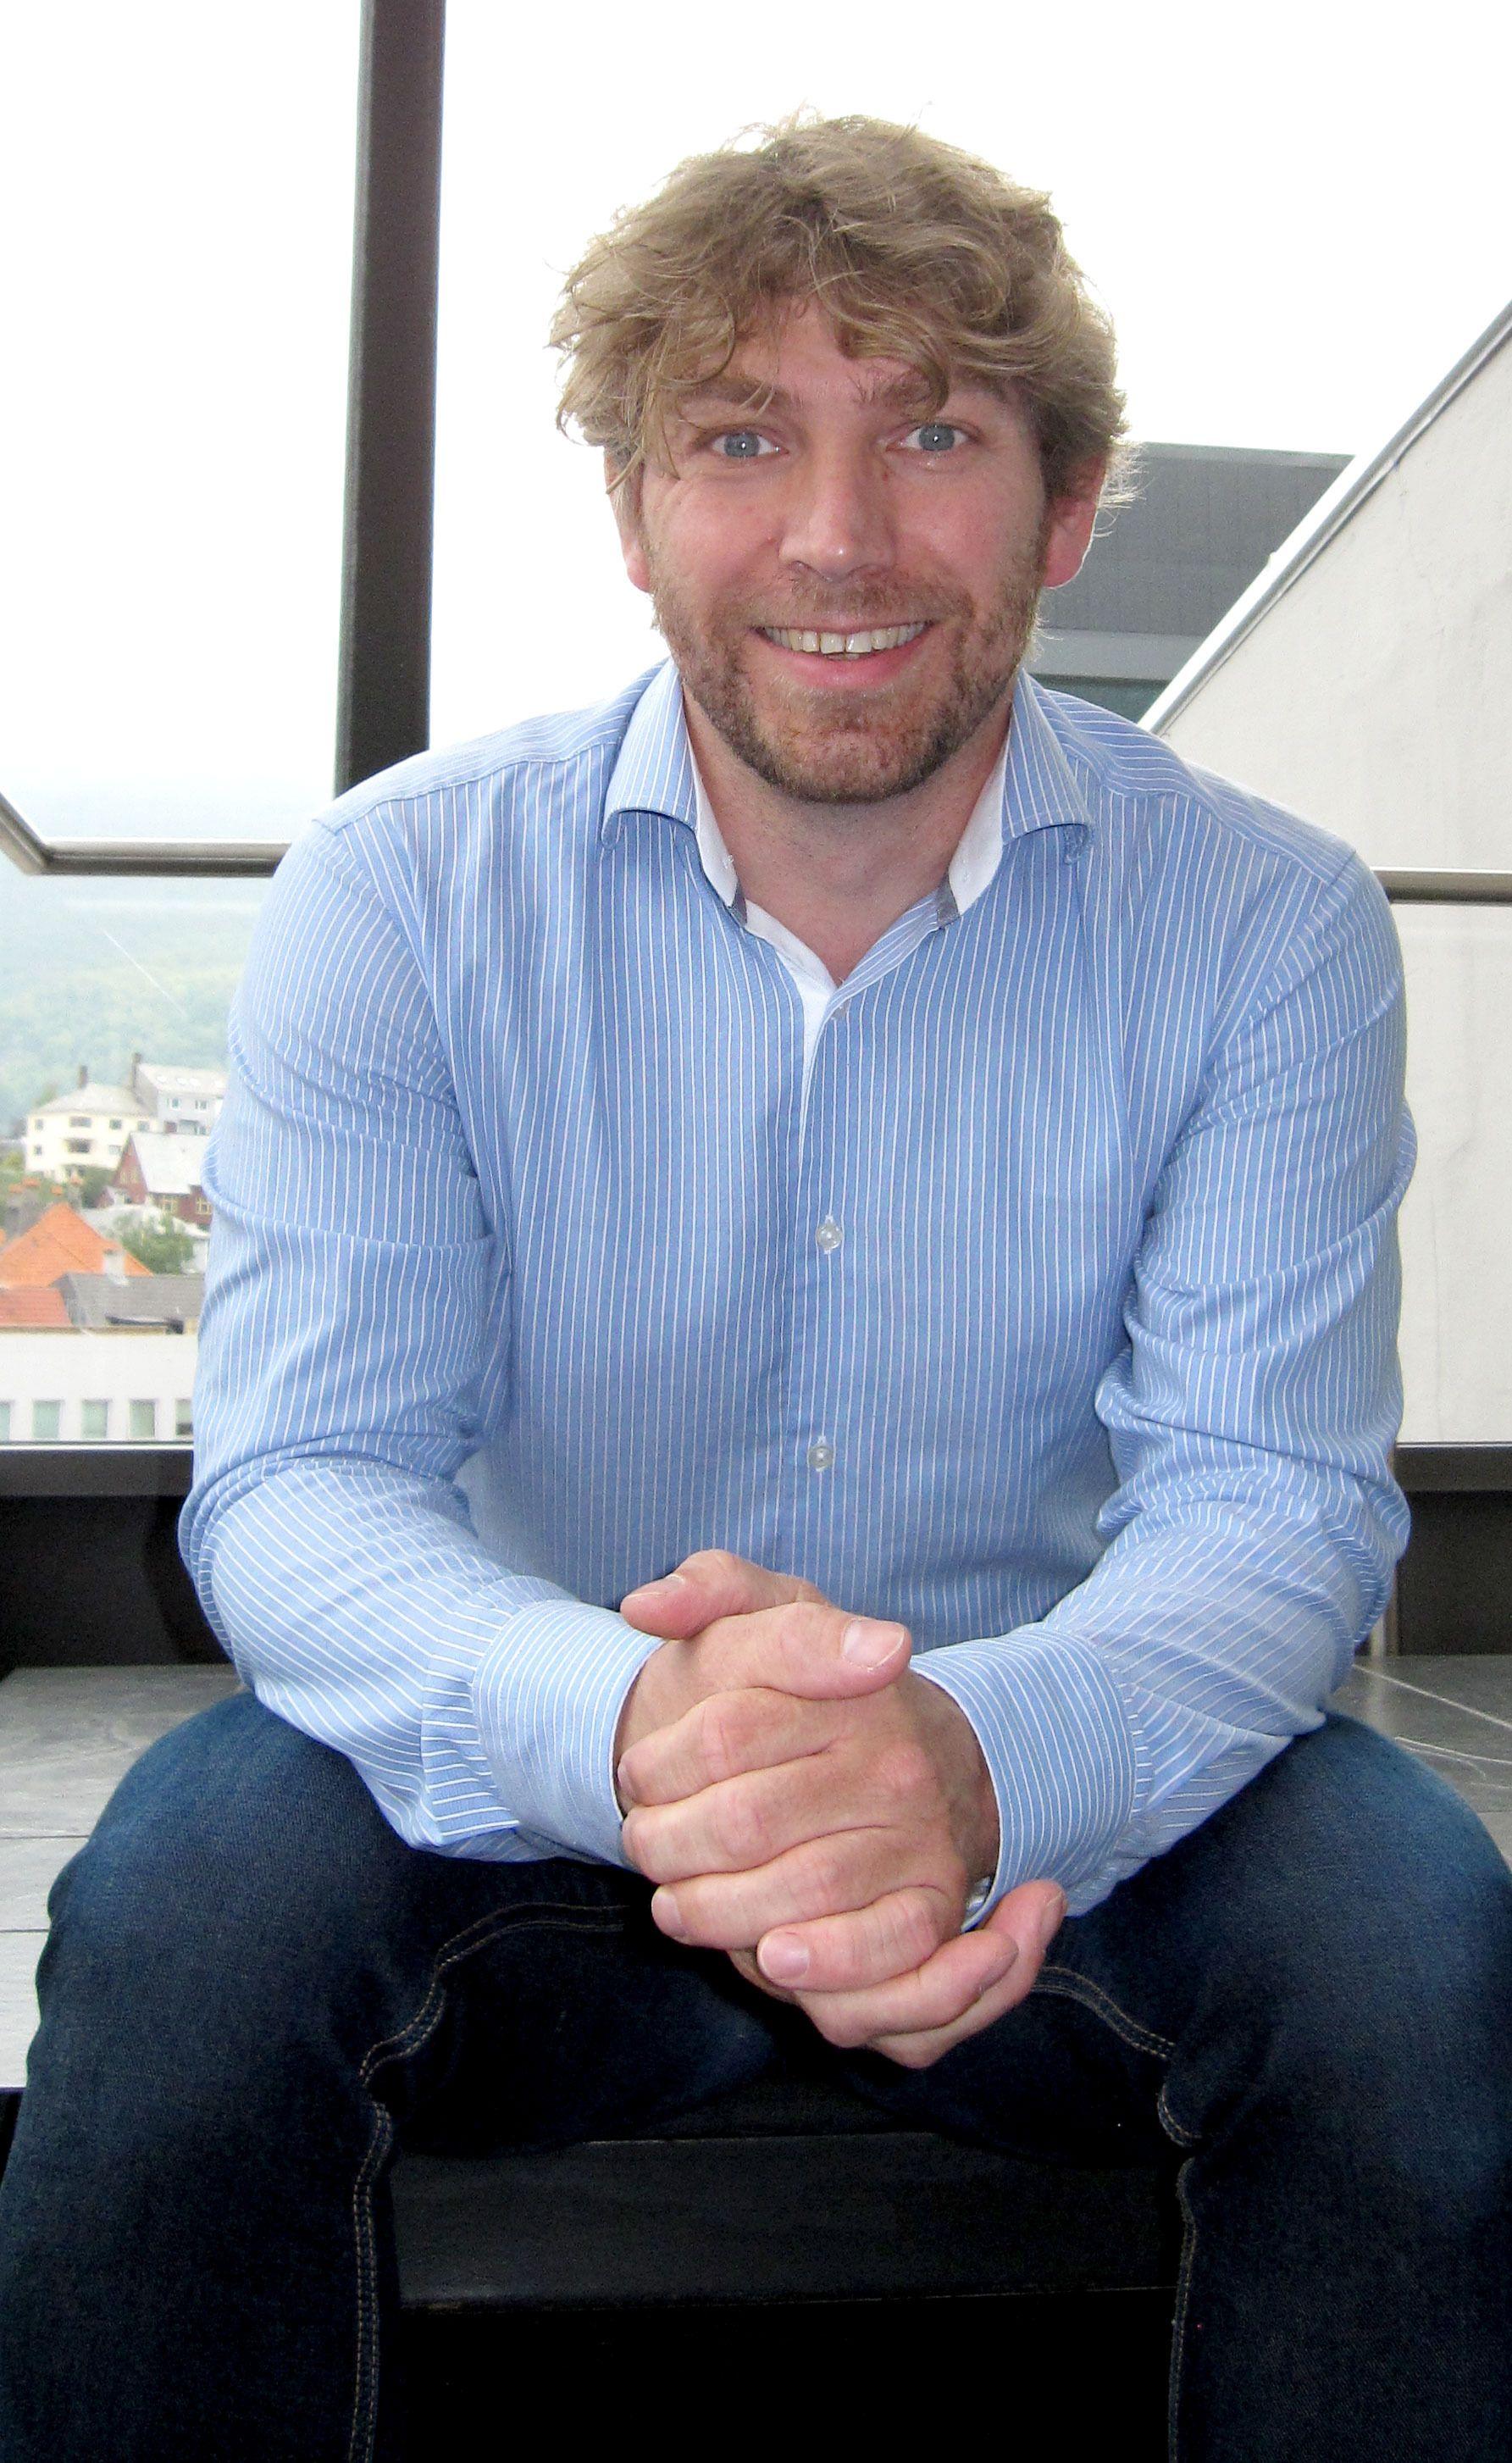 FORFREMMET: Halvveis i masteren fikk Dag Aksnes jobben som global leder for CRM-systemet til itslearning. Foto: Privat